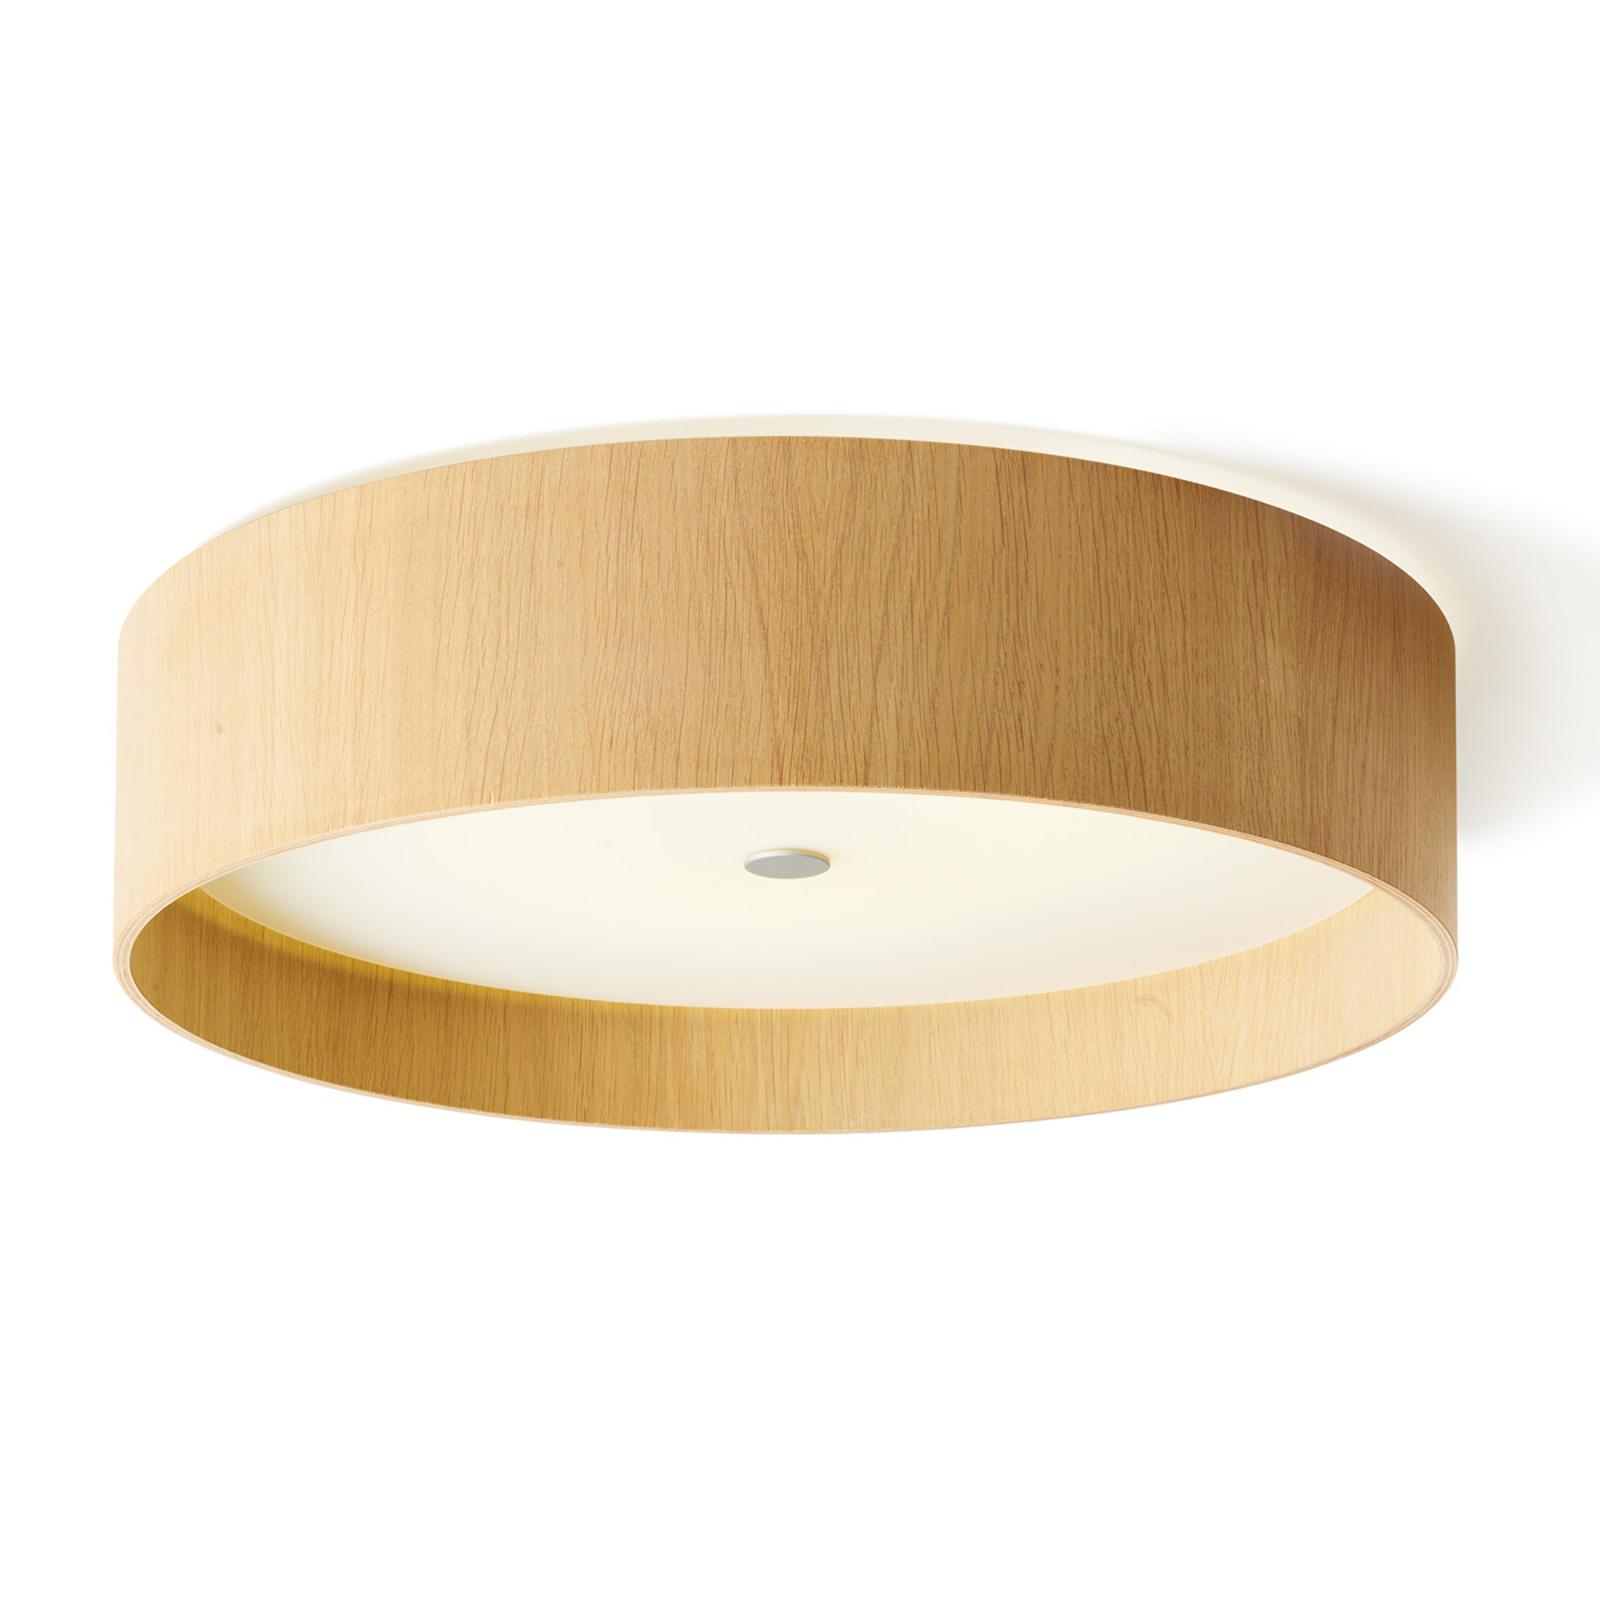 Pyöreä LED-kattolamppu Lara wood, valkotammi 55 cm